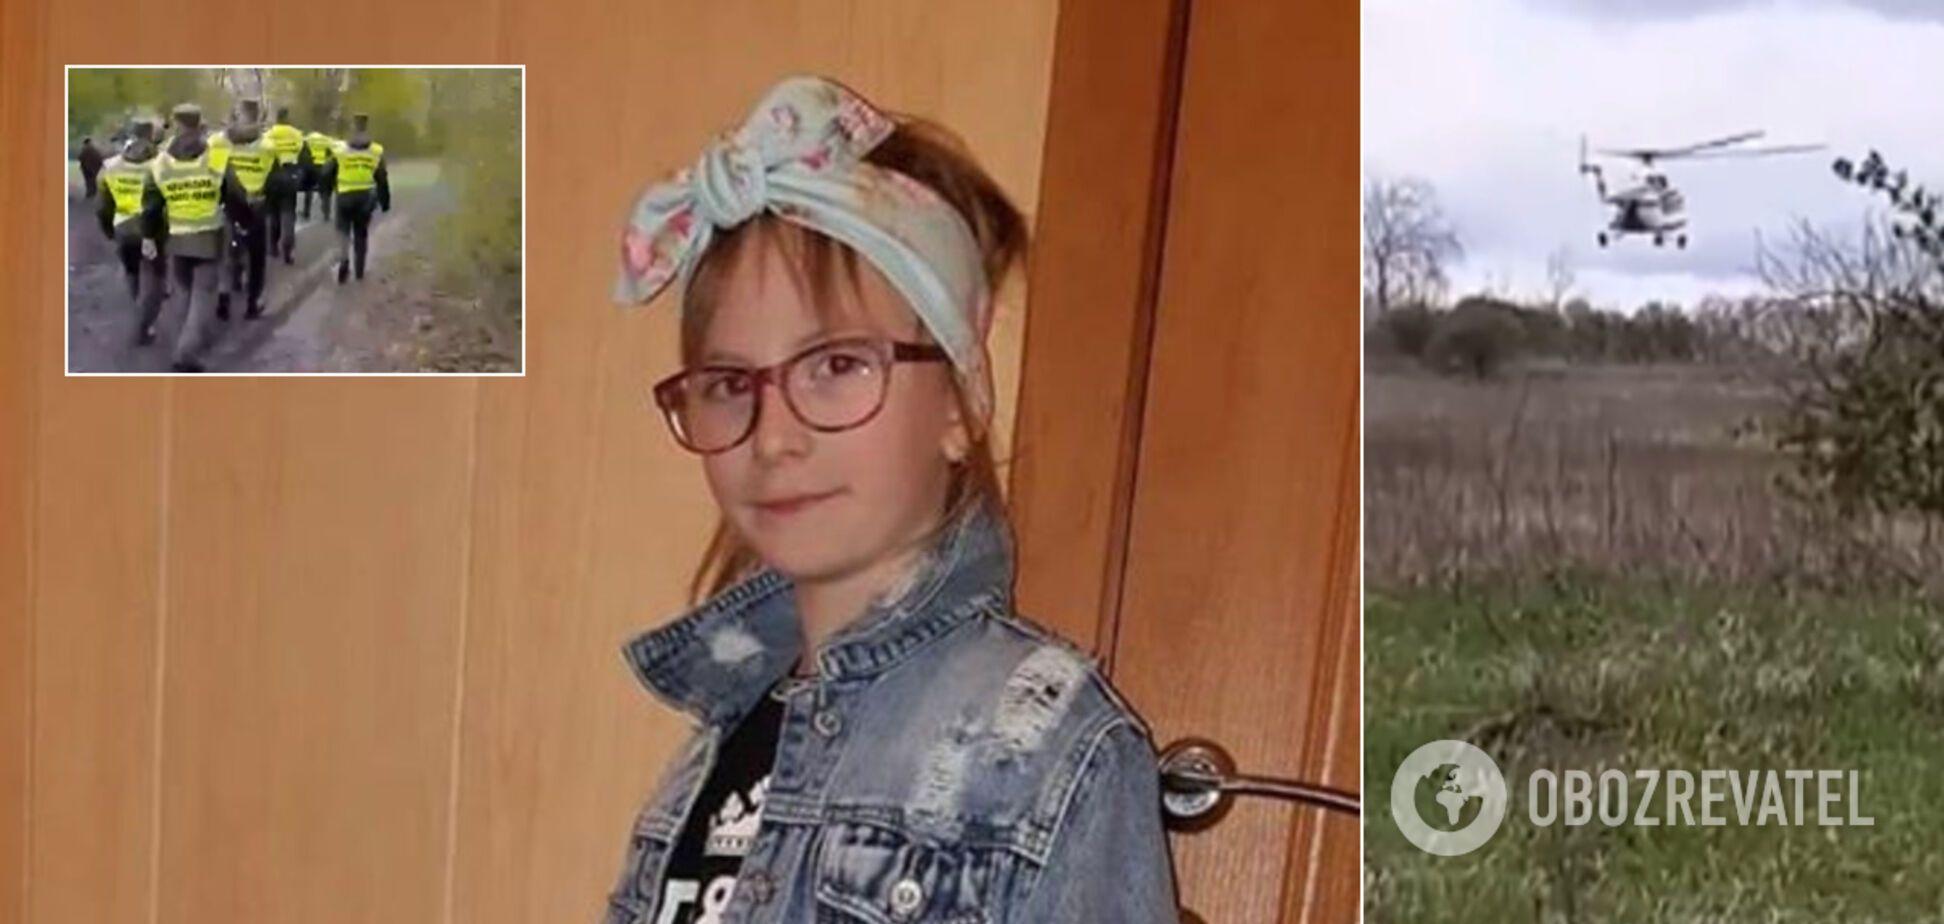 На Харківщині зникла 6-річна дівчинка: до пошуків залучили Нацгвардію і вертольоти. Фото й прикмети дитини